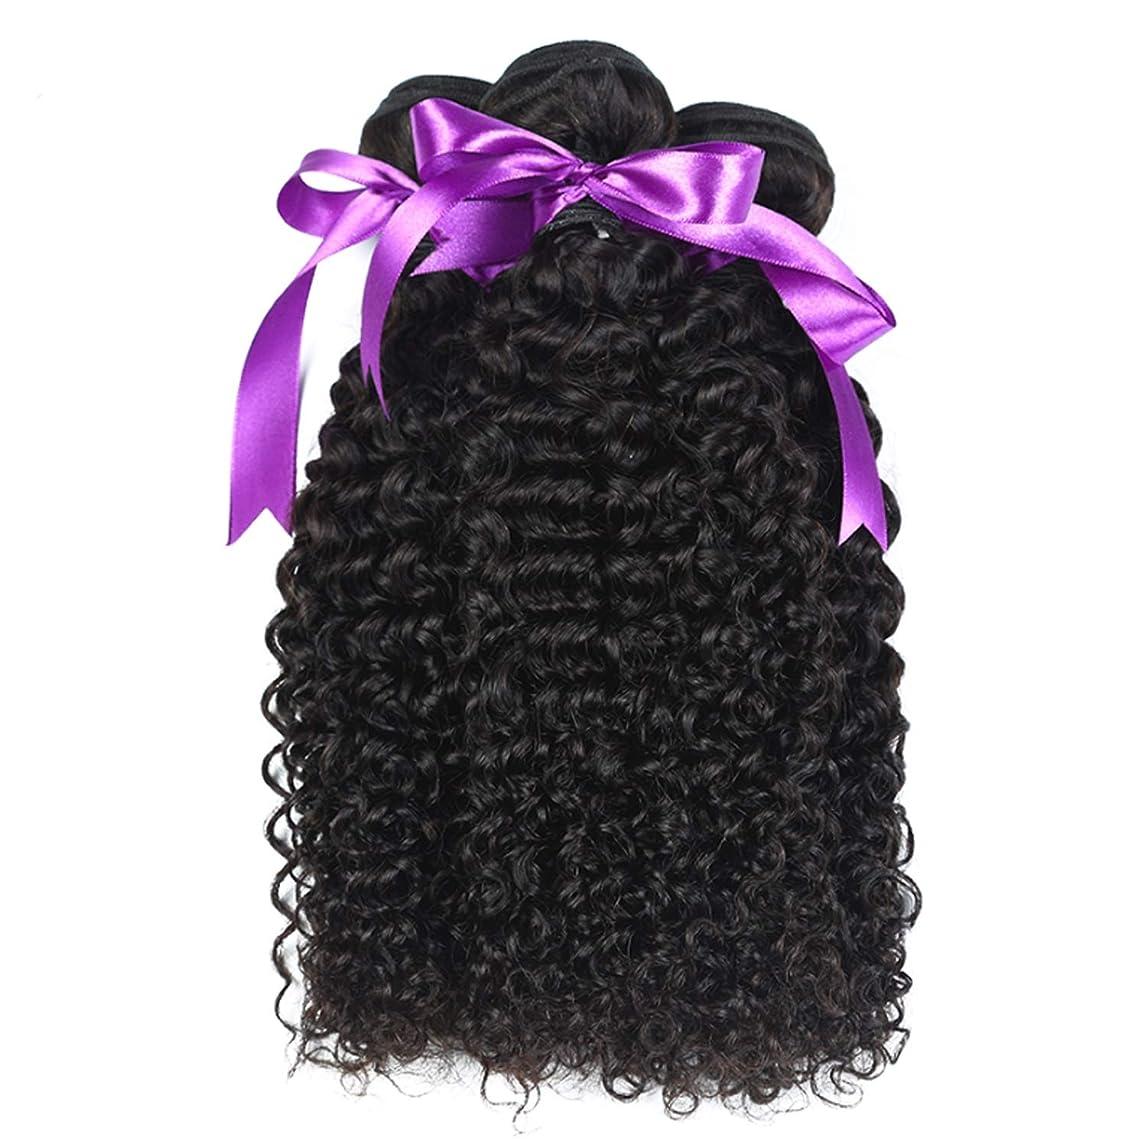 保護する舌フレアかつら マレーシアの巻き毛の束8-28インチ100%の人間の毛髪は、Remyの毛のナチュラルカラー3個の巻き毛の束を織ります (Stretched Length : 10 10 10)